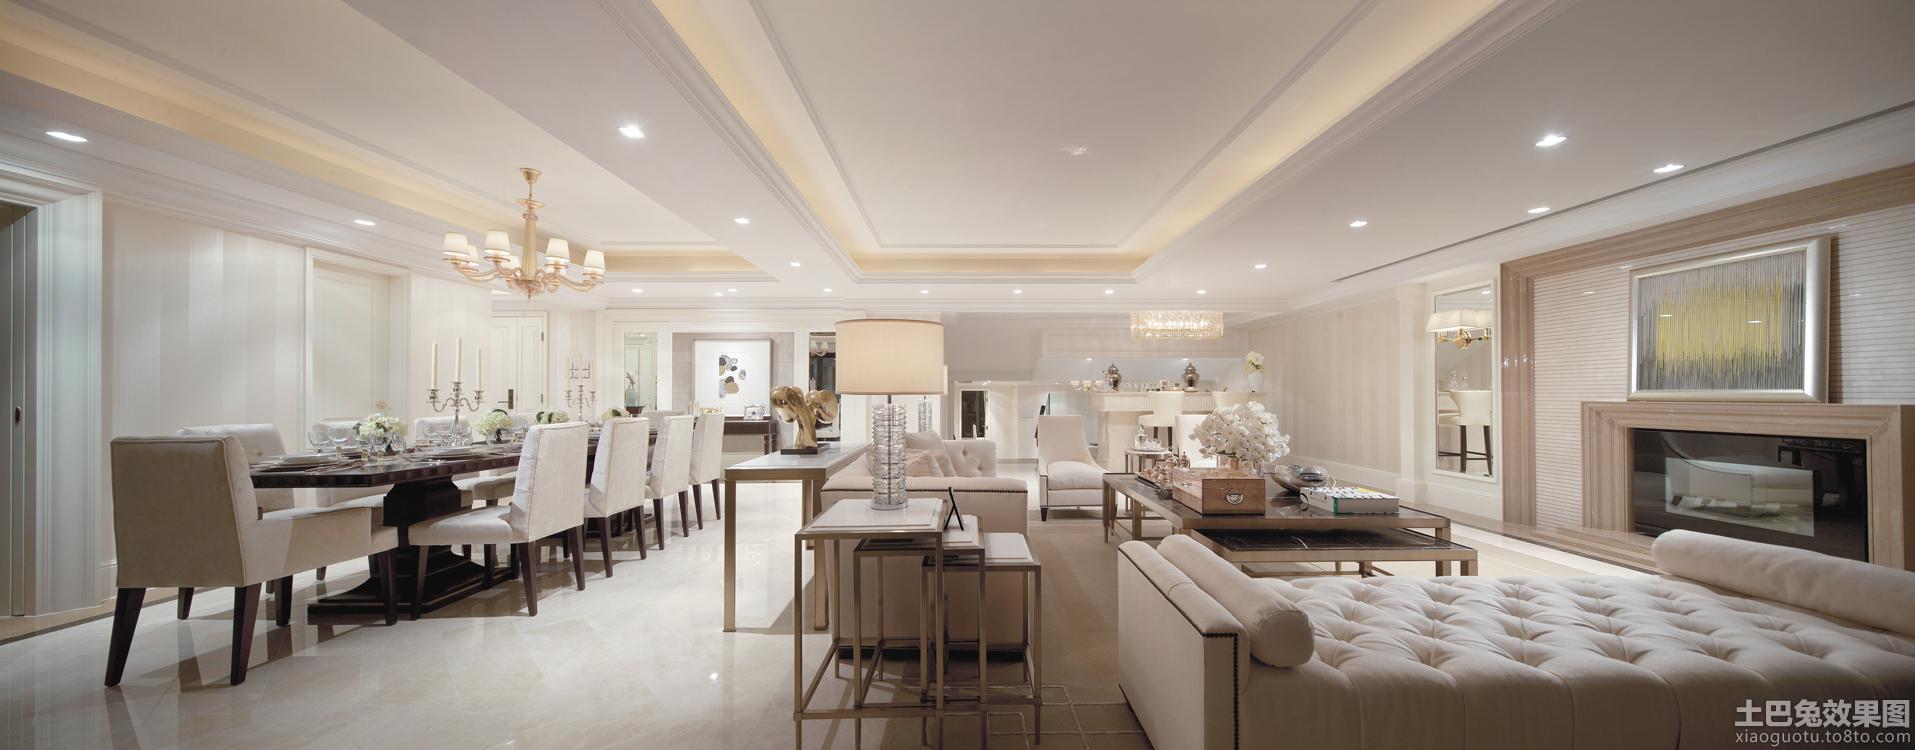 简欧风格大型客厅餐厅一体装修效果图图片